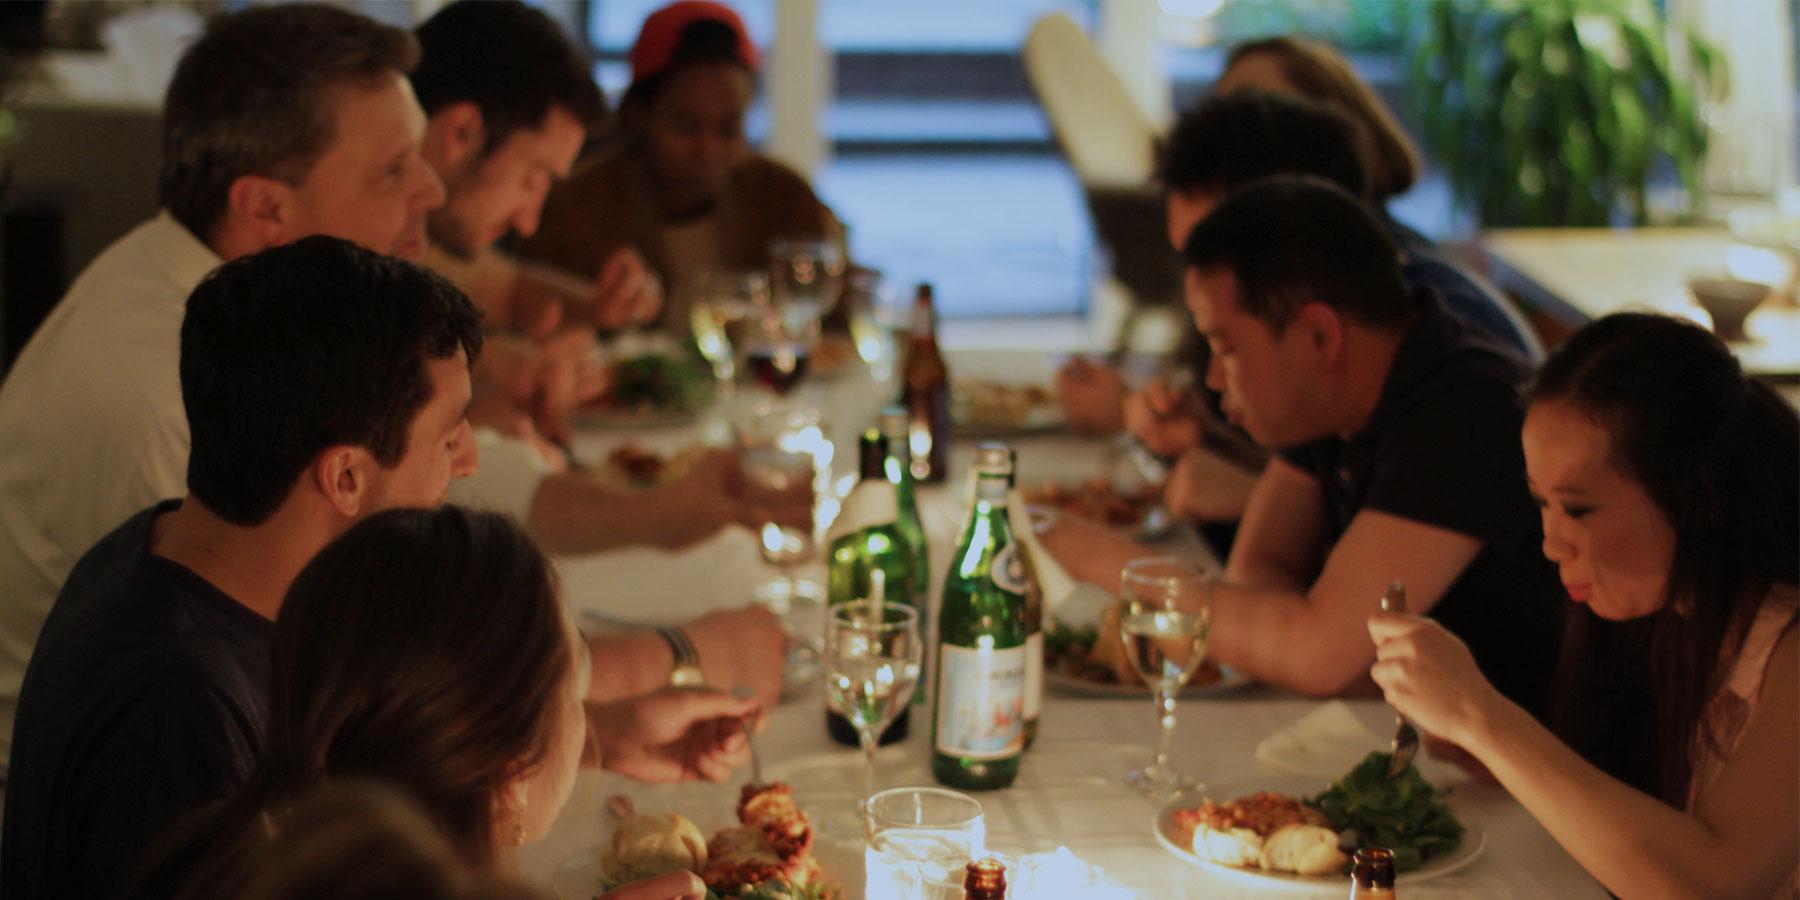 Krash Family Dinner